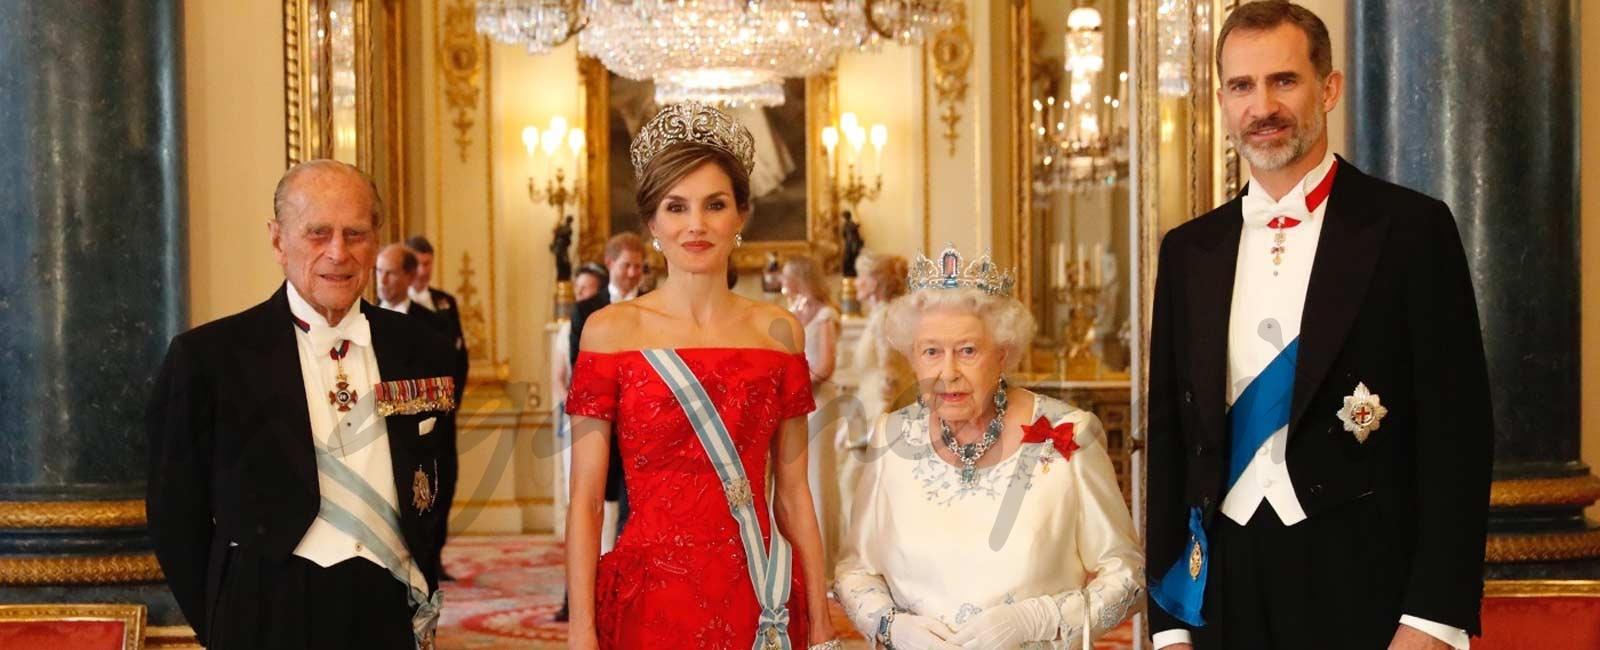 Cena de gala en Buckingham Palace en honor a los Reyes Felipe y Letizia